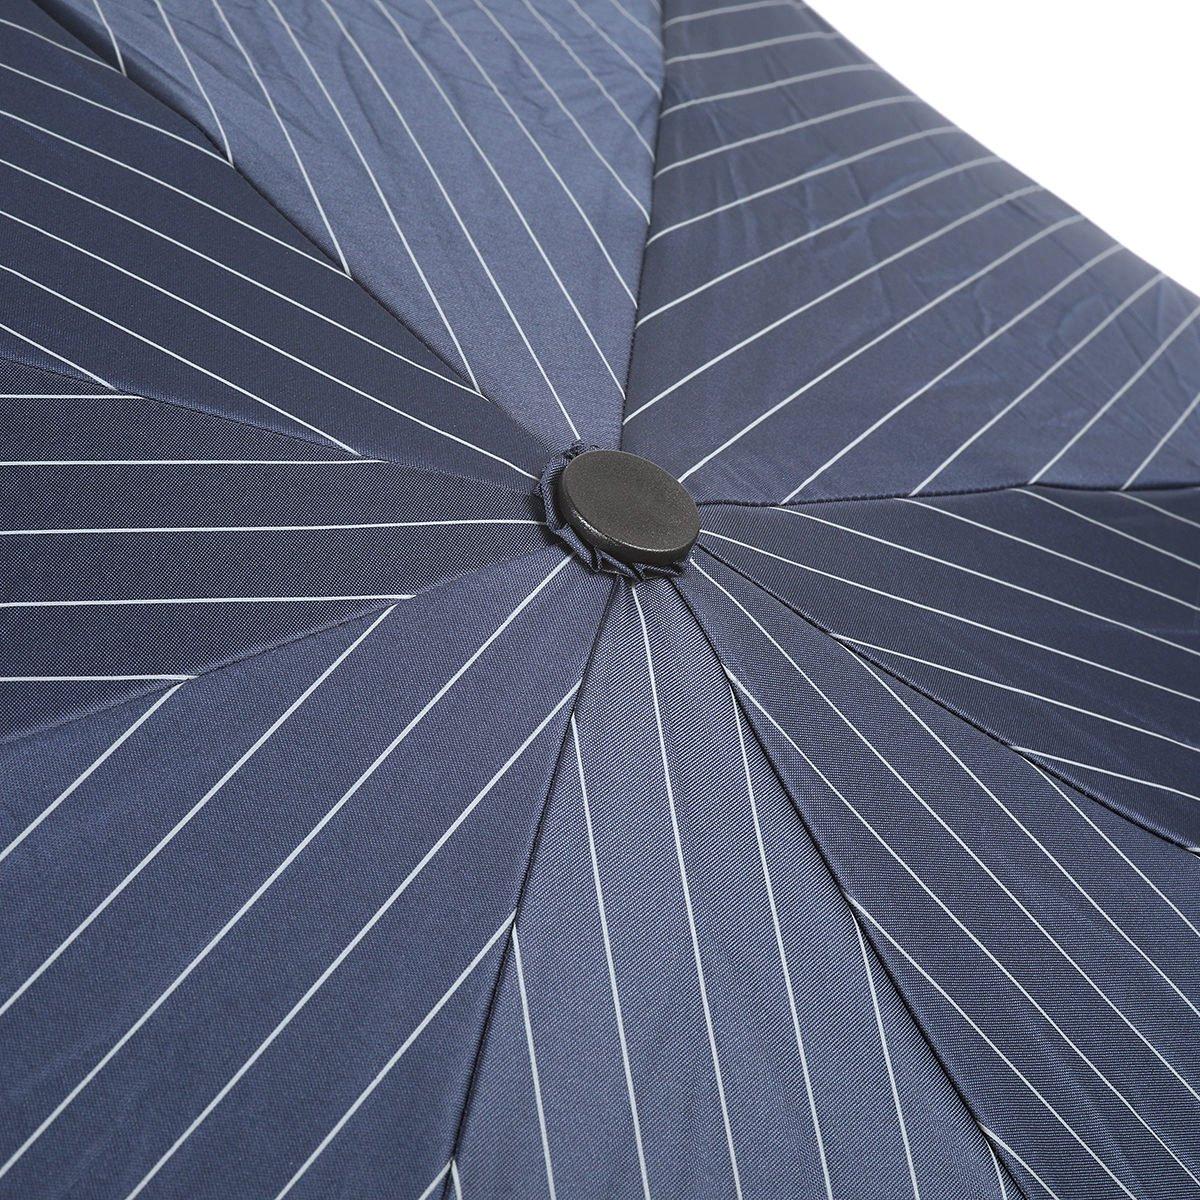 ストライプ 耐風骨 オールシーズン 折りたたみ傘 詳細画像5